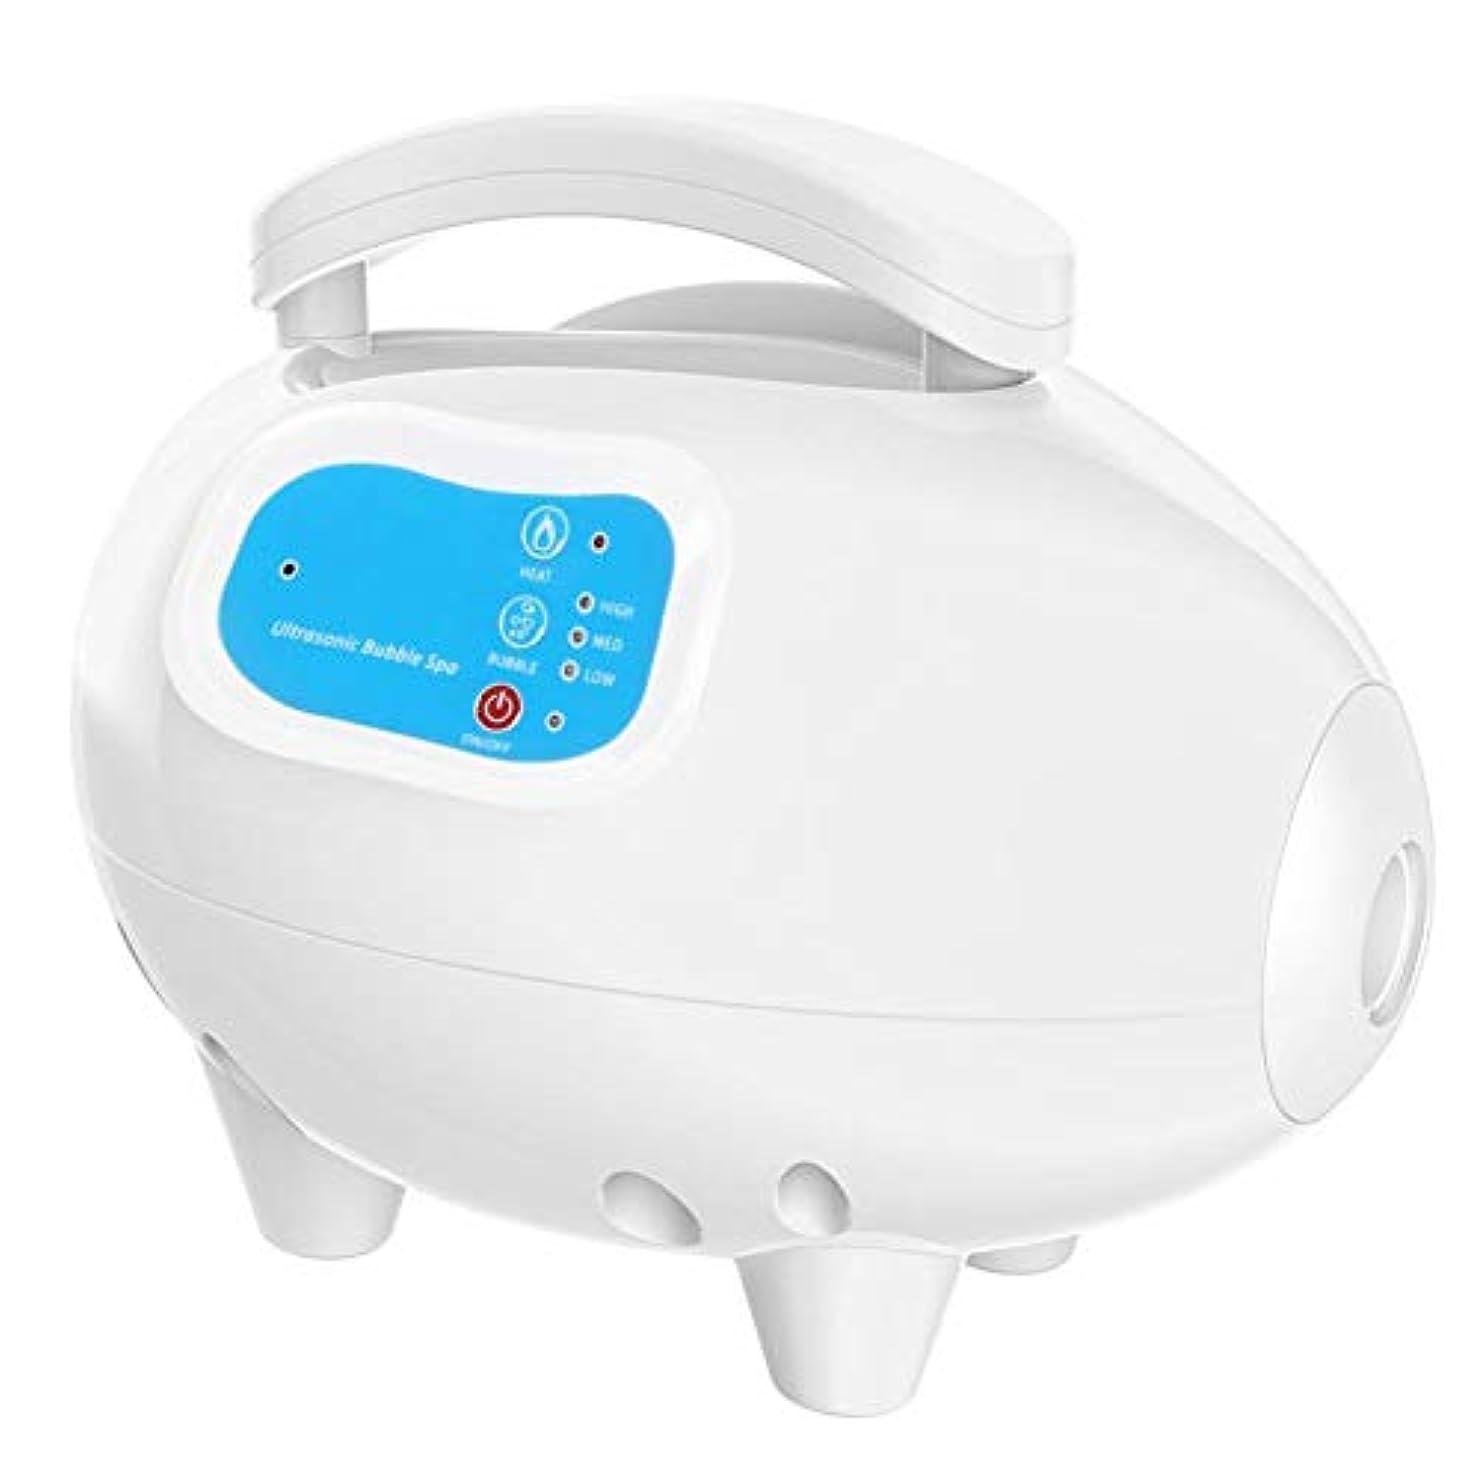 ギャザー居心地の良い主張するスパ泡風呂浴槽機防水エアー泡風呂浴槽殺菌ボディスパマッサージマット付きエアホース(110?220V)